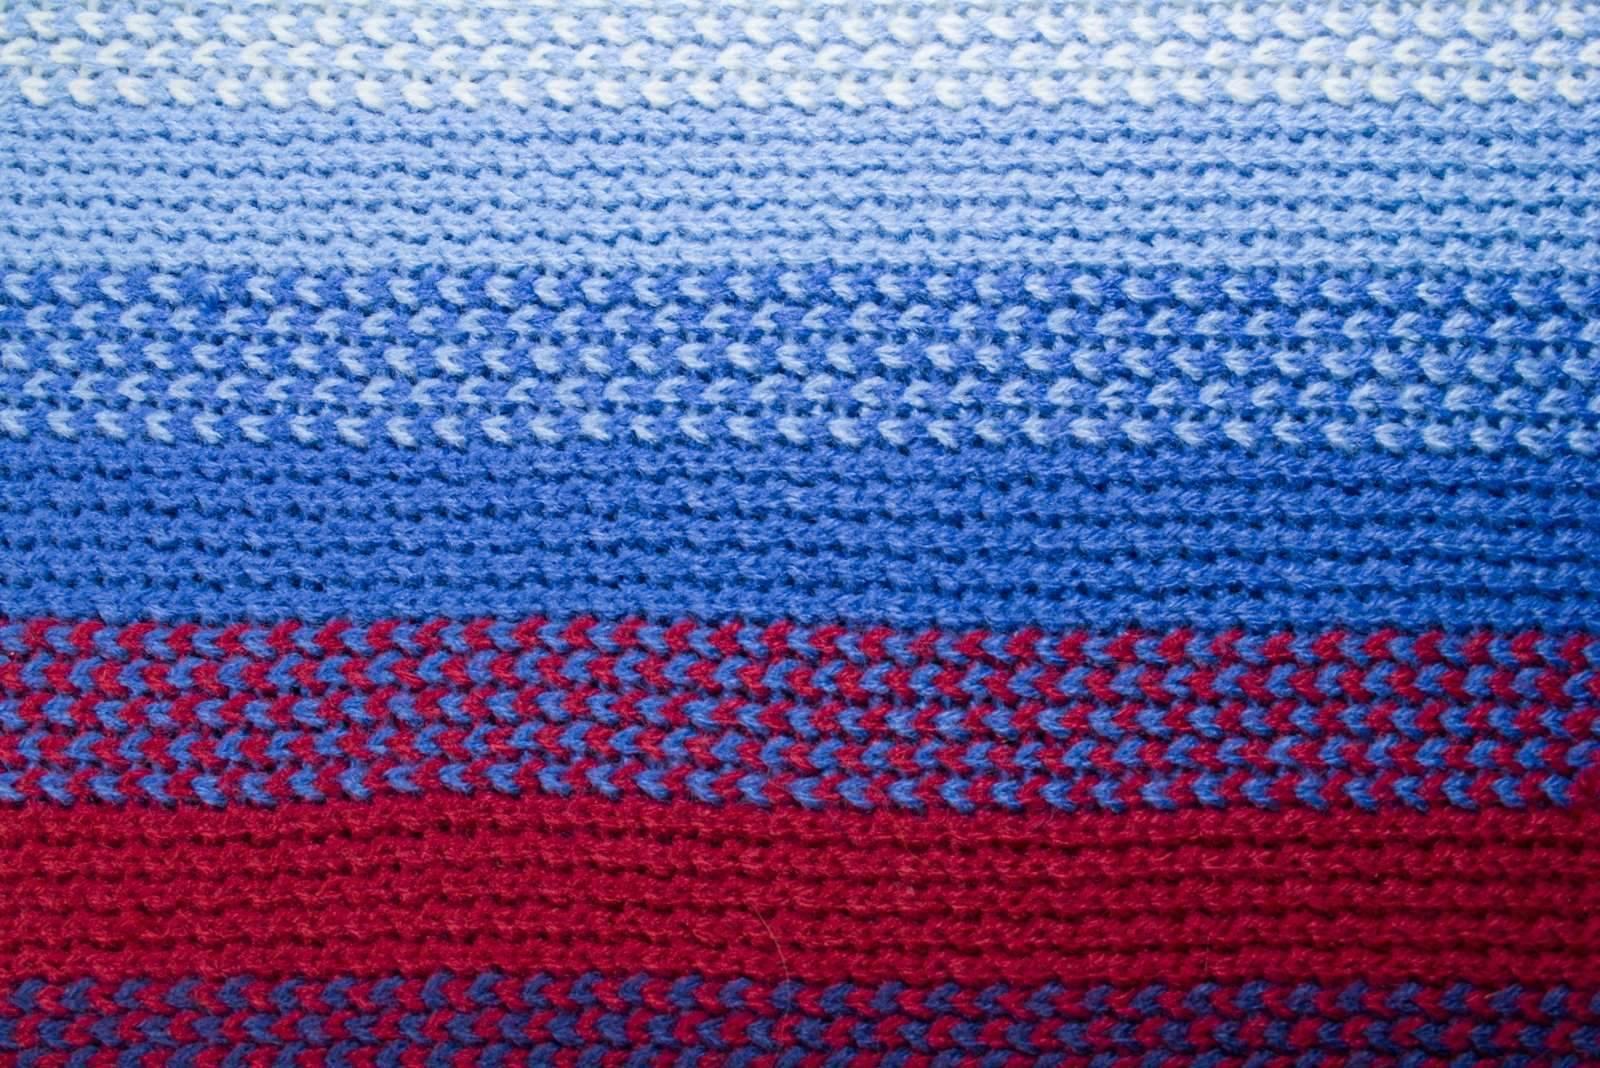 abstrakt hintergrund strickjacke nahaufnahme kleidung baumwolle